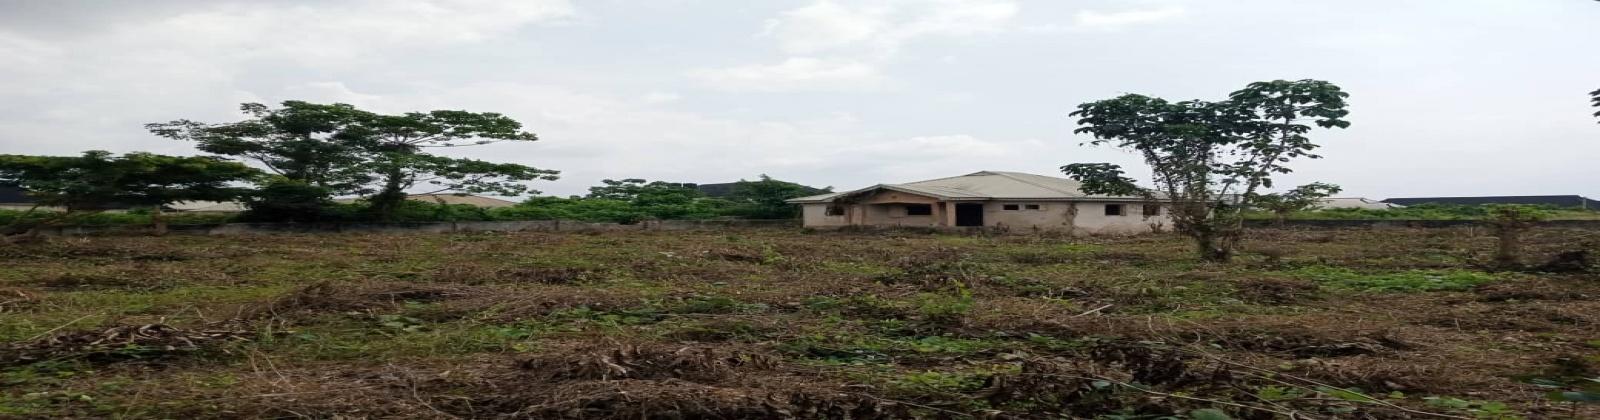 Amagba GRA, Benin City, Edo, 4 Bedrooms Bedrooms, 4 Rooms Rooms,5 BathroomsBathrooms,Land,For Sale, Amagba GRA,1003